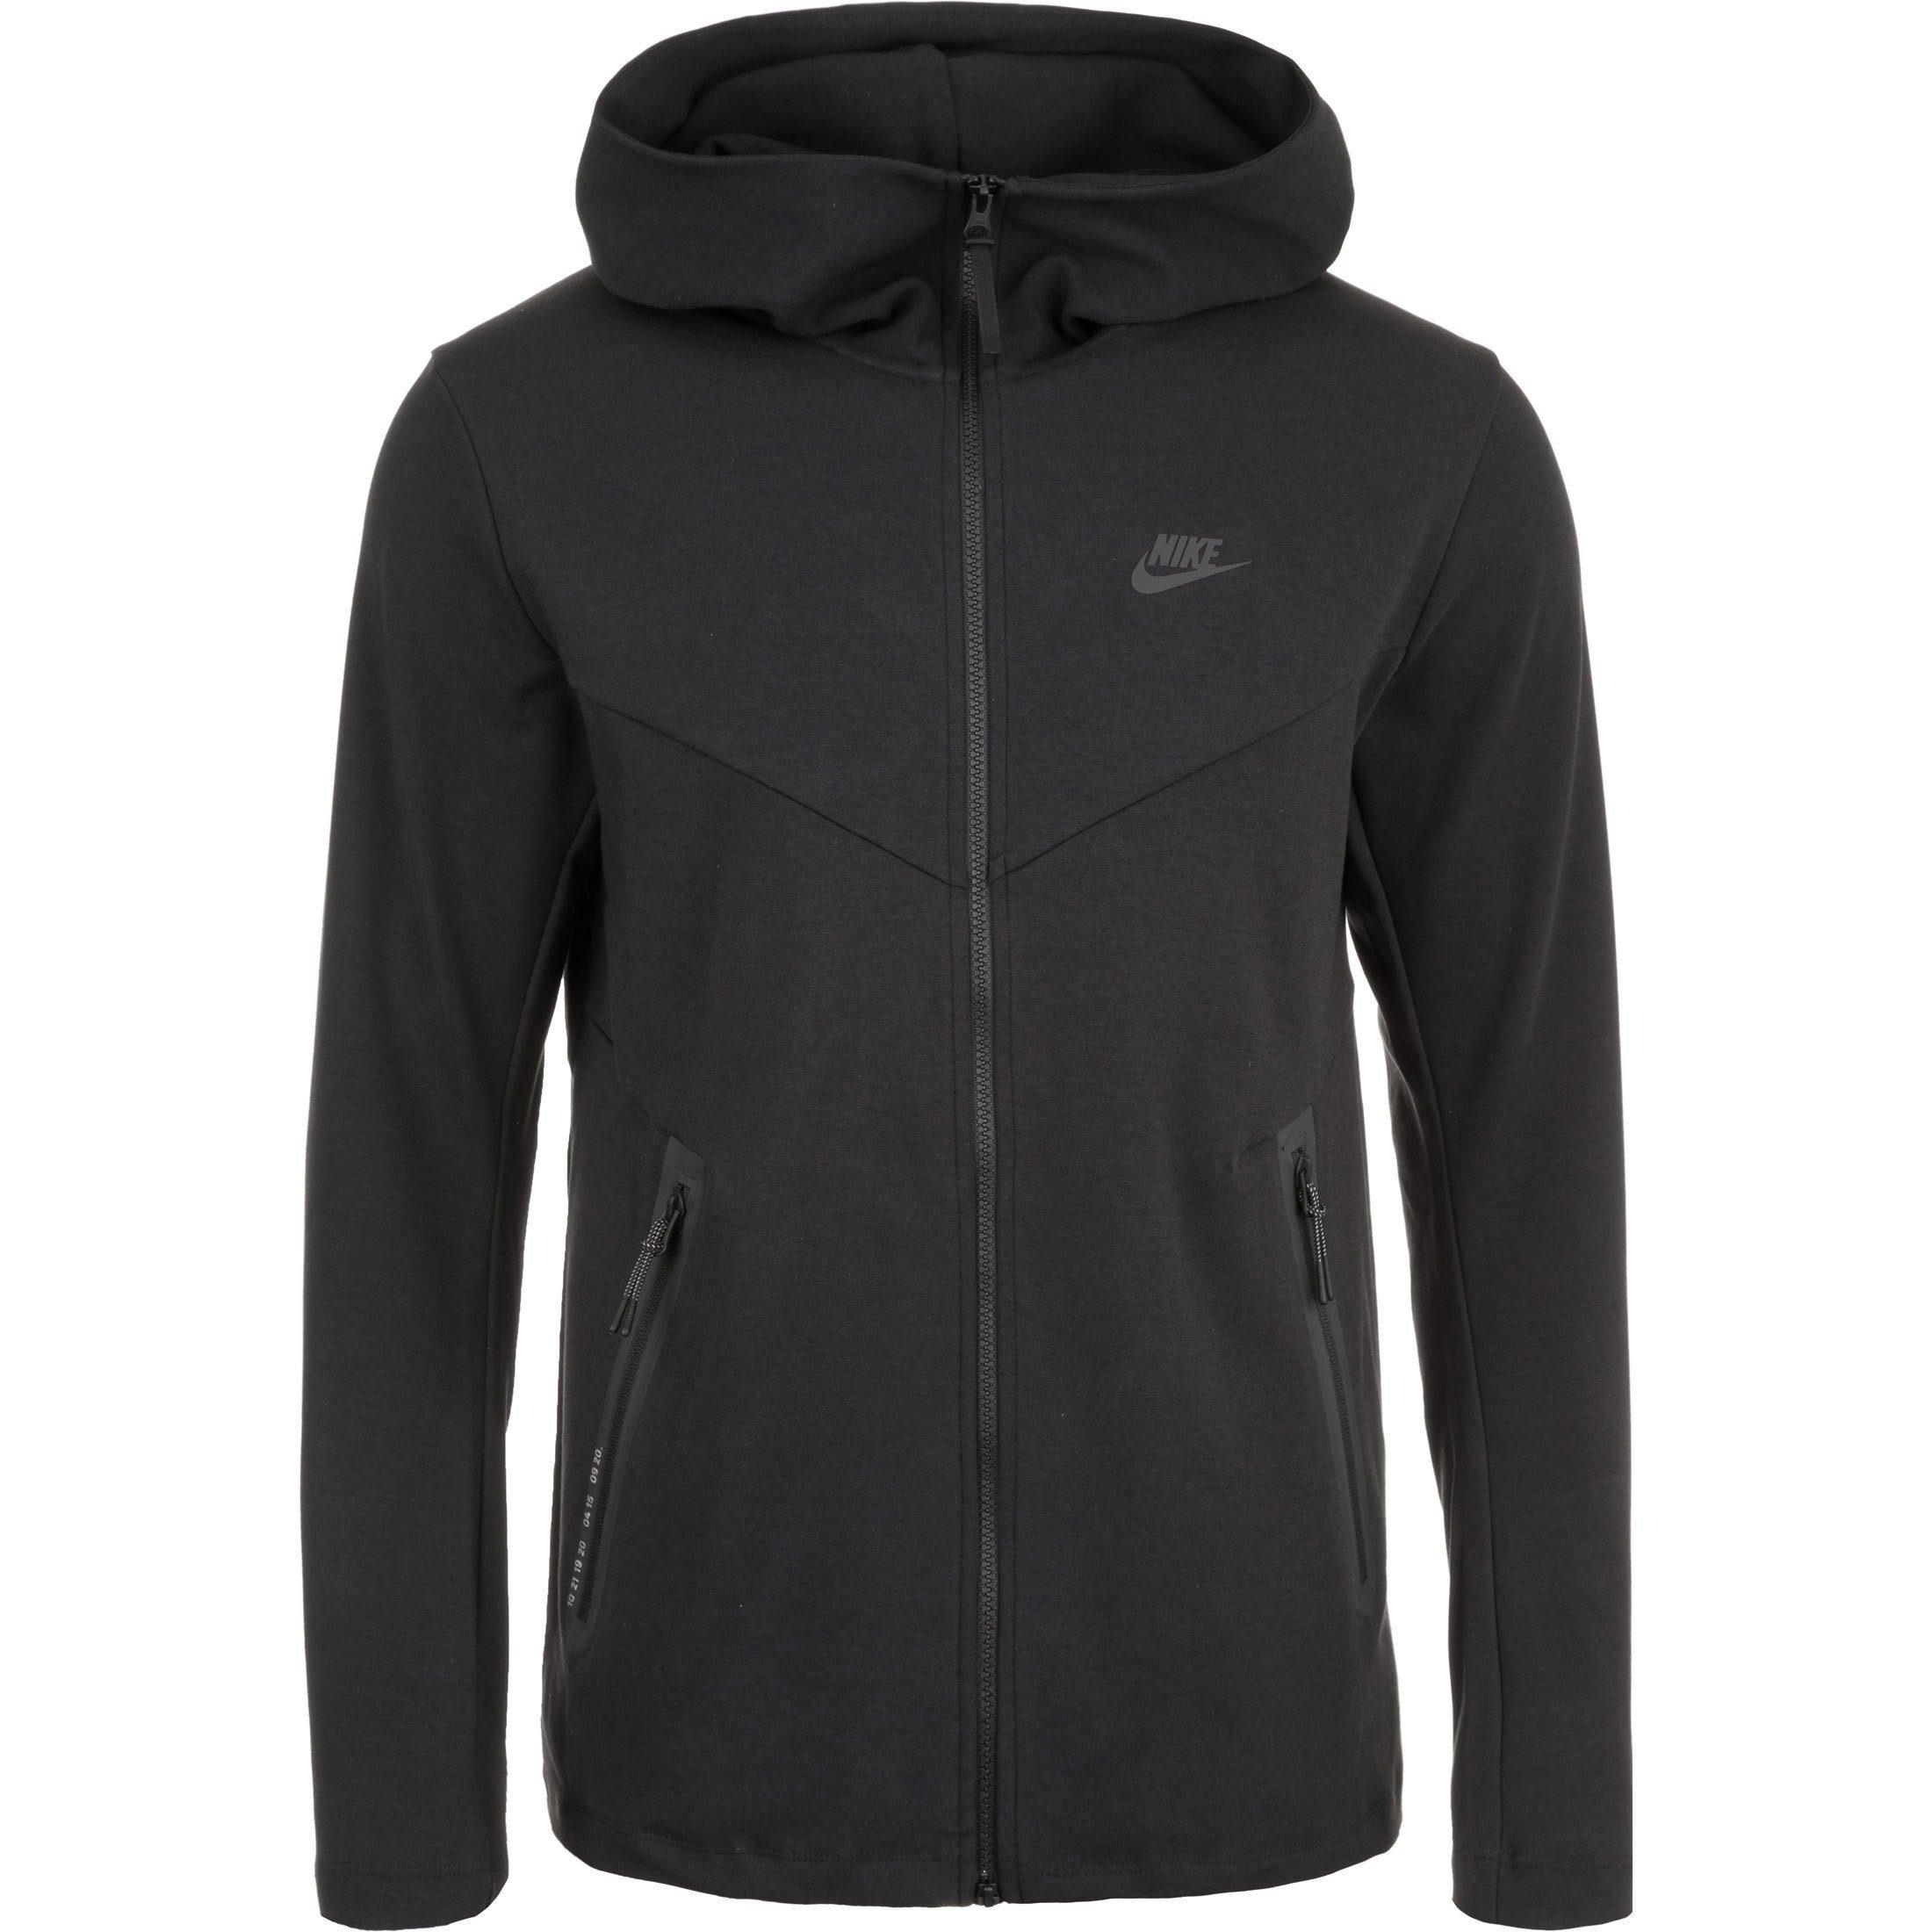 Nike Sportswear Kapuzensweatjacke Tech Pack | Sportbekleidung > Sportjacken > Sonstige Sportjacken | Schwarz | Nike Sportswear